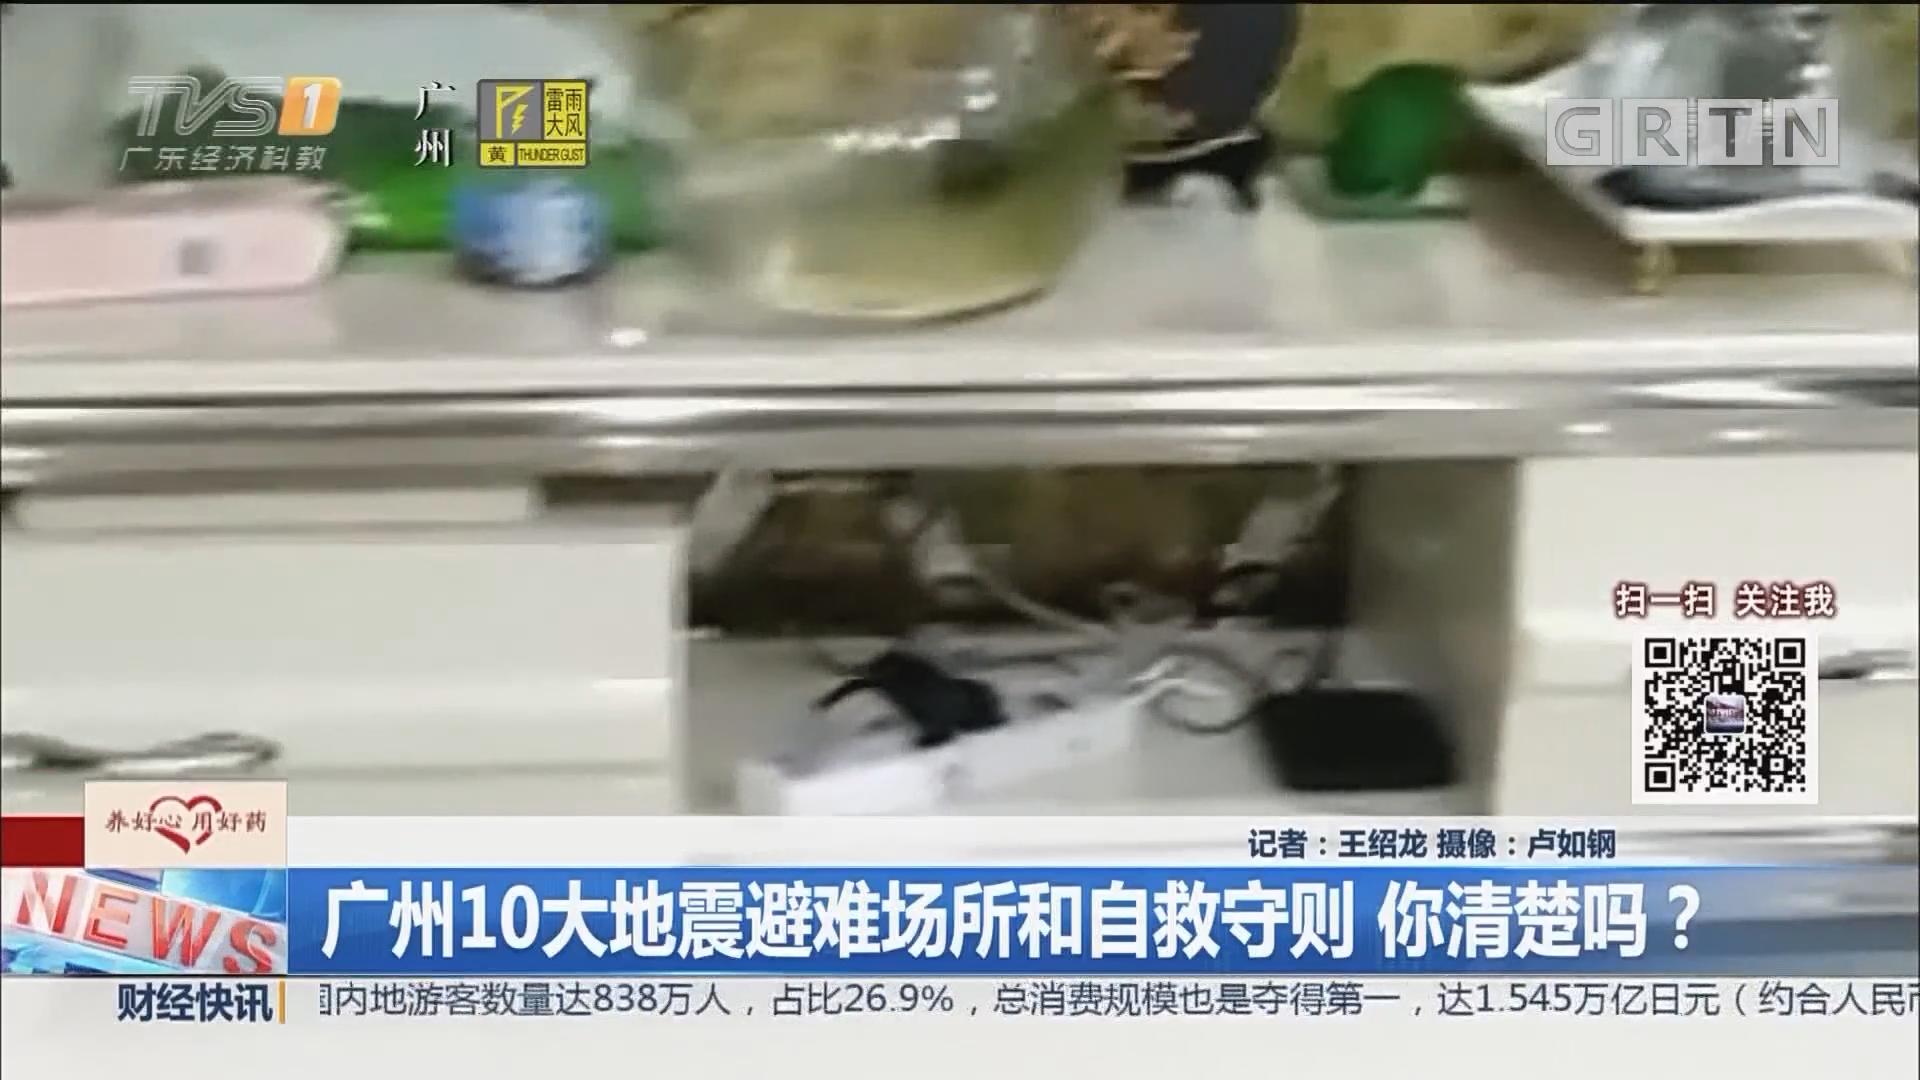 广州10大地震避难场所和自救守则 你清楚吗?